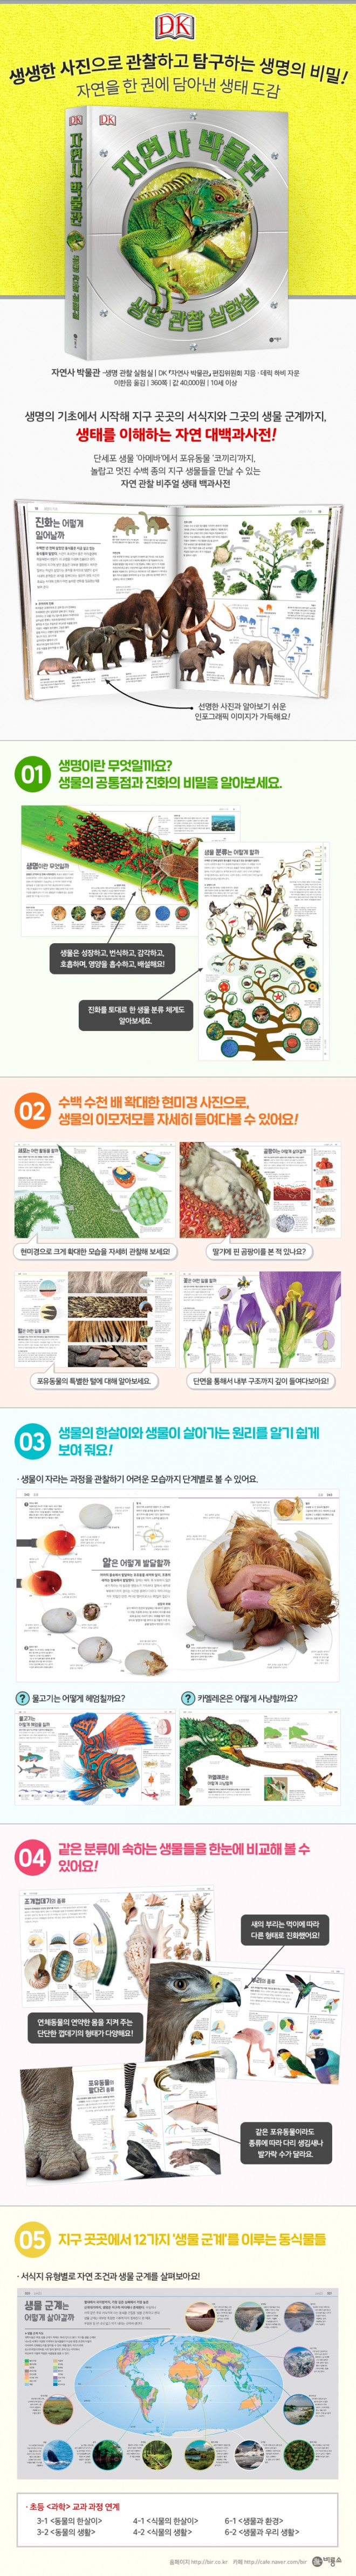 신간_자연사박물관_생명관찰실험실_수정